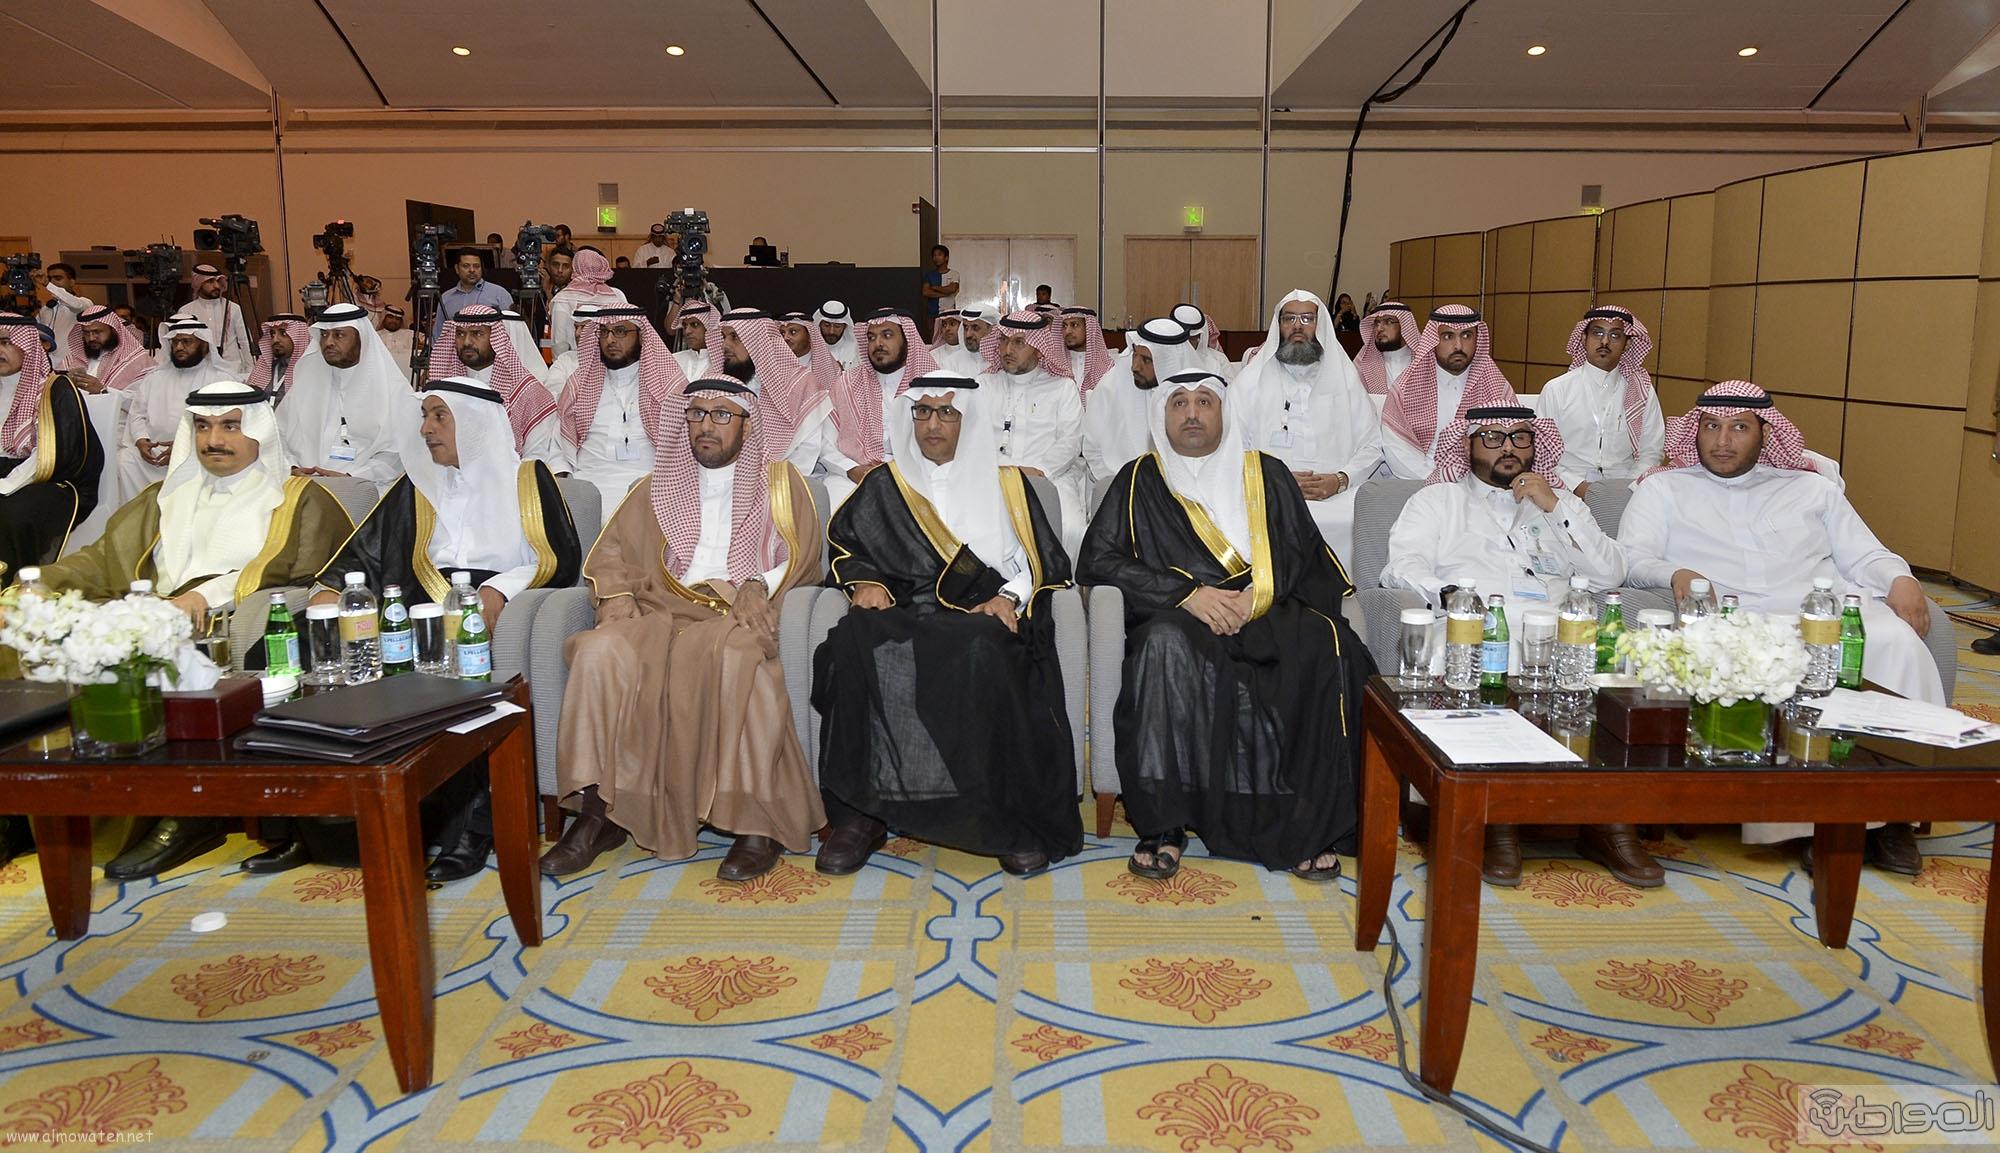 امير الرياض من ملتقي معا لانشاء جيل عالي من التعليم (3)